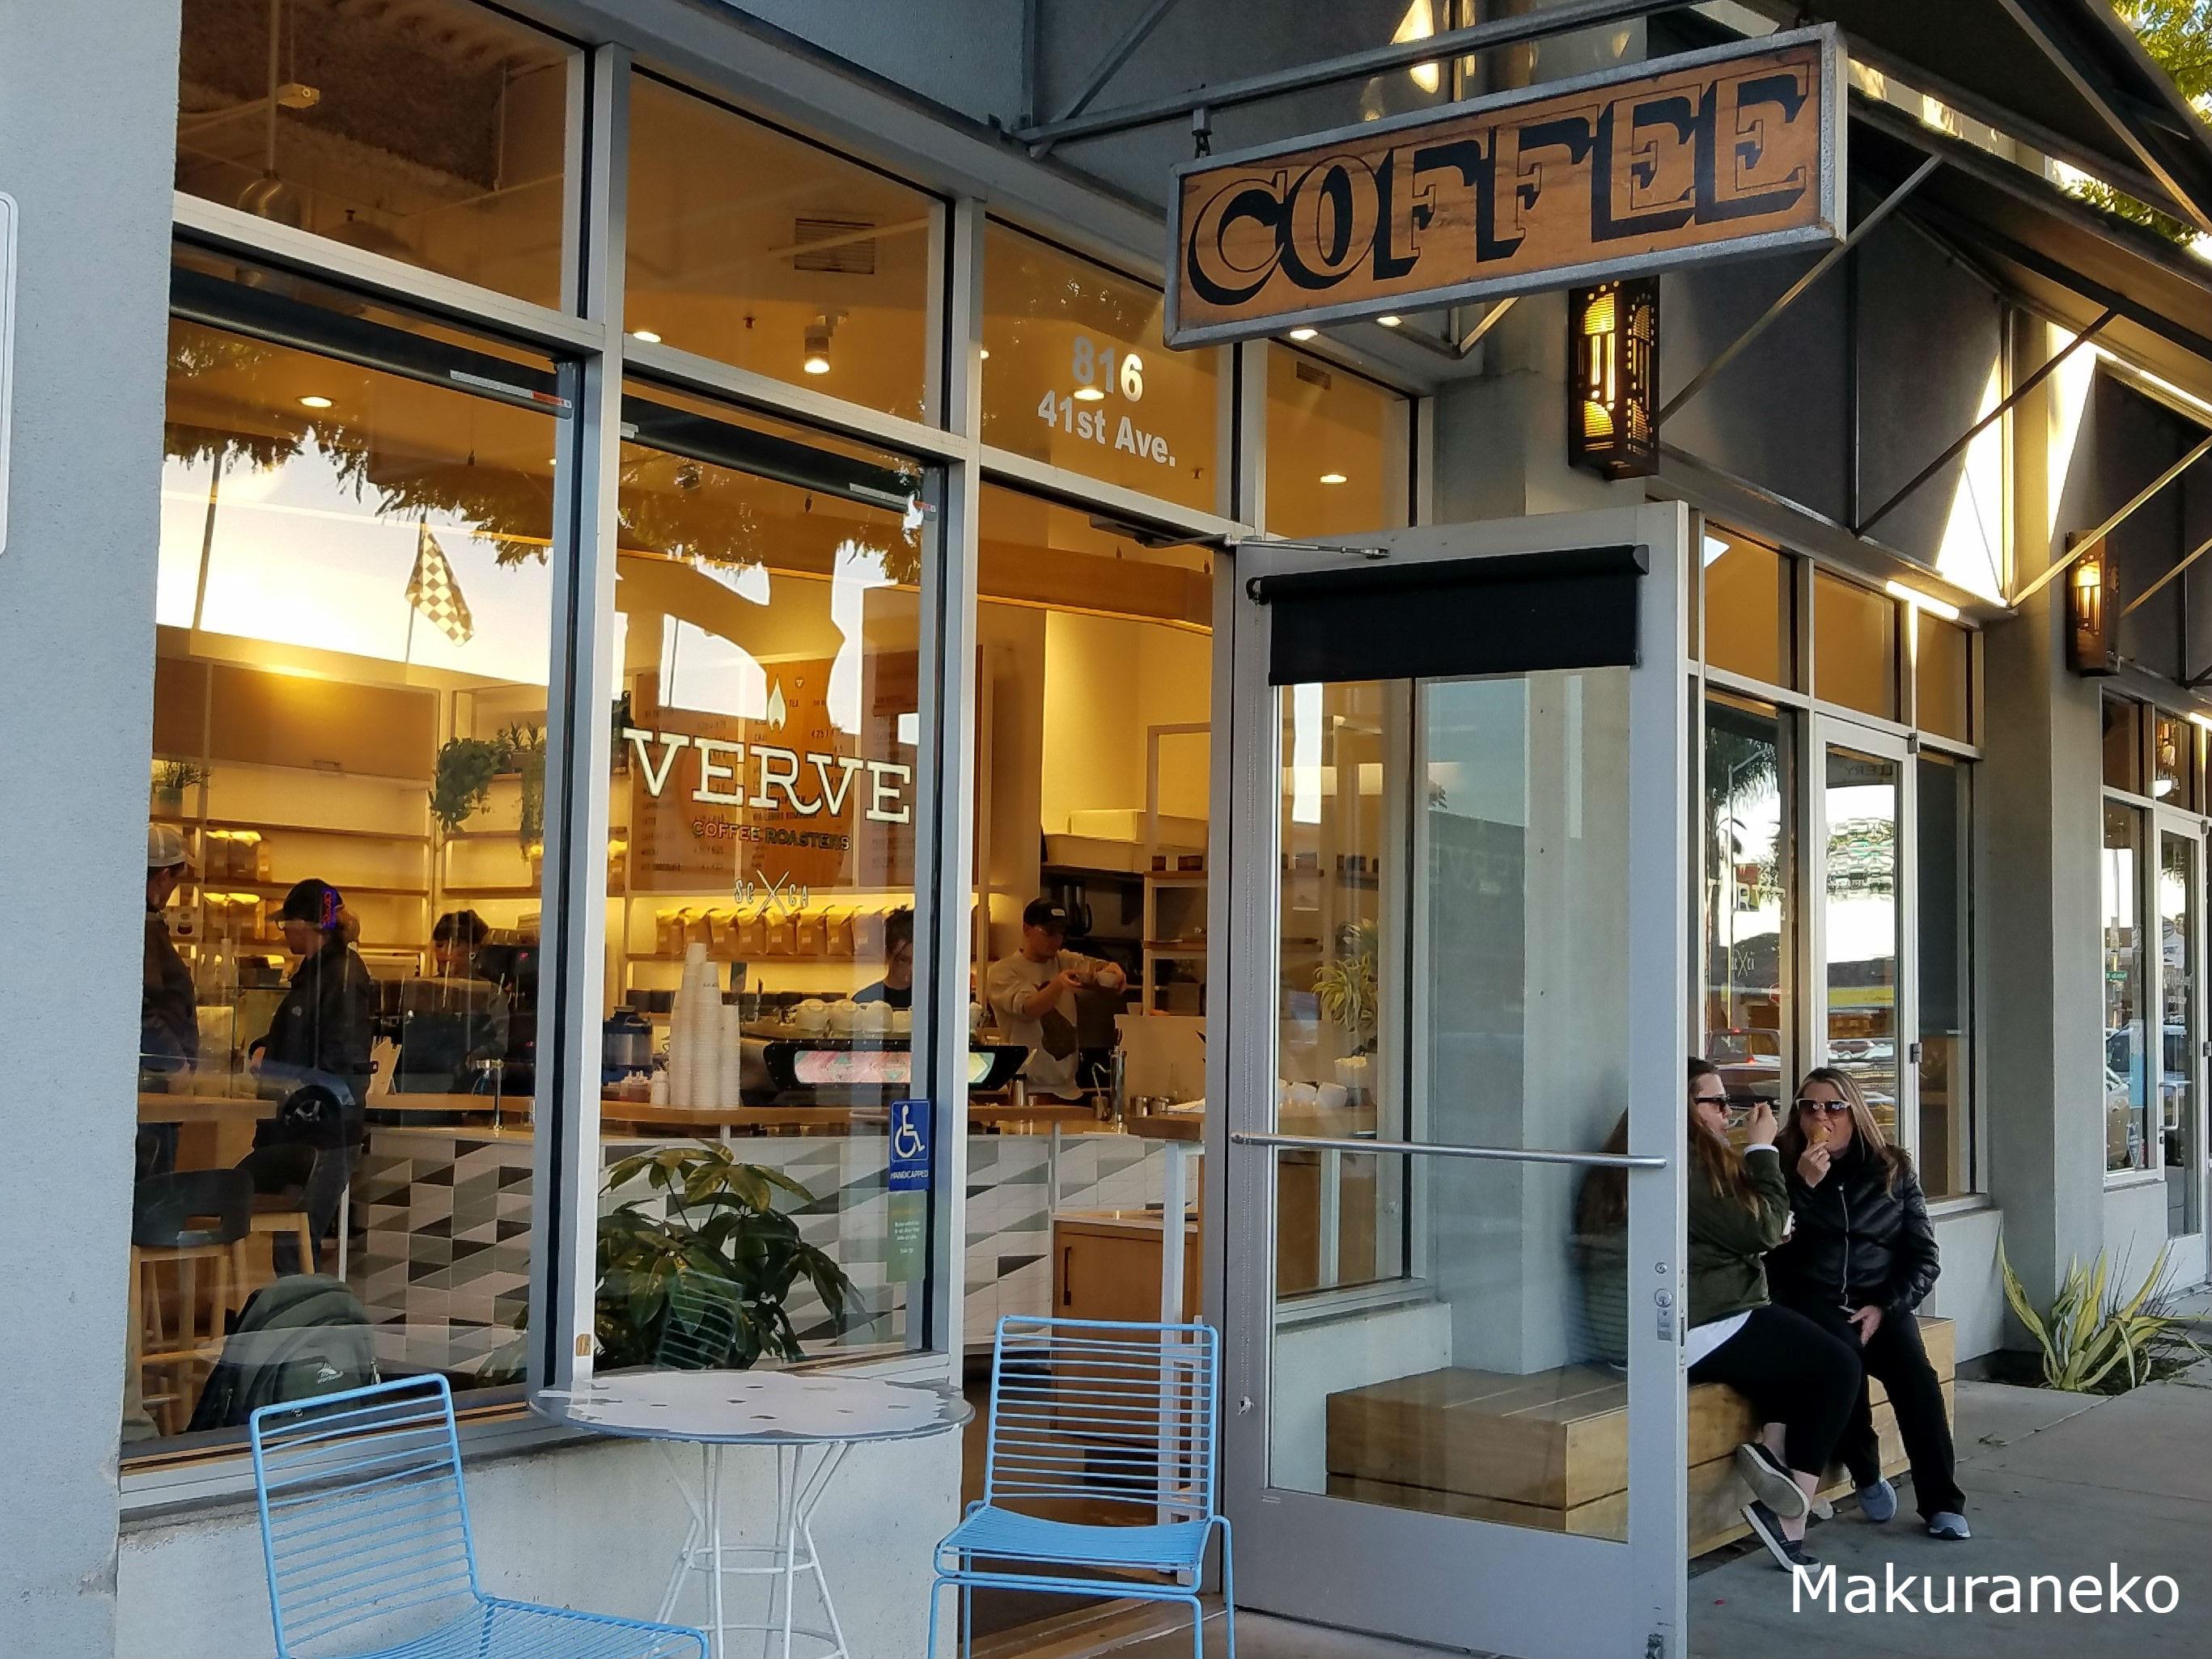 日本にも3店舗。サンタクルーズの人気コーヒーロースターといえばVERVE COFFEE ROASTERS